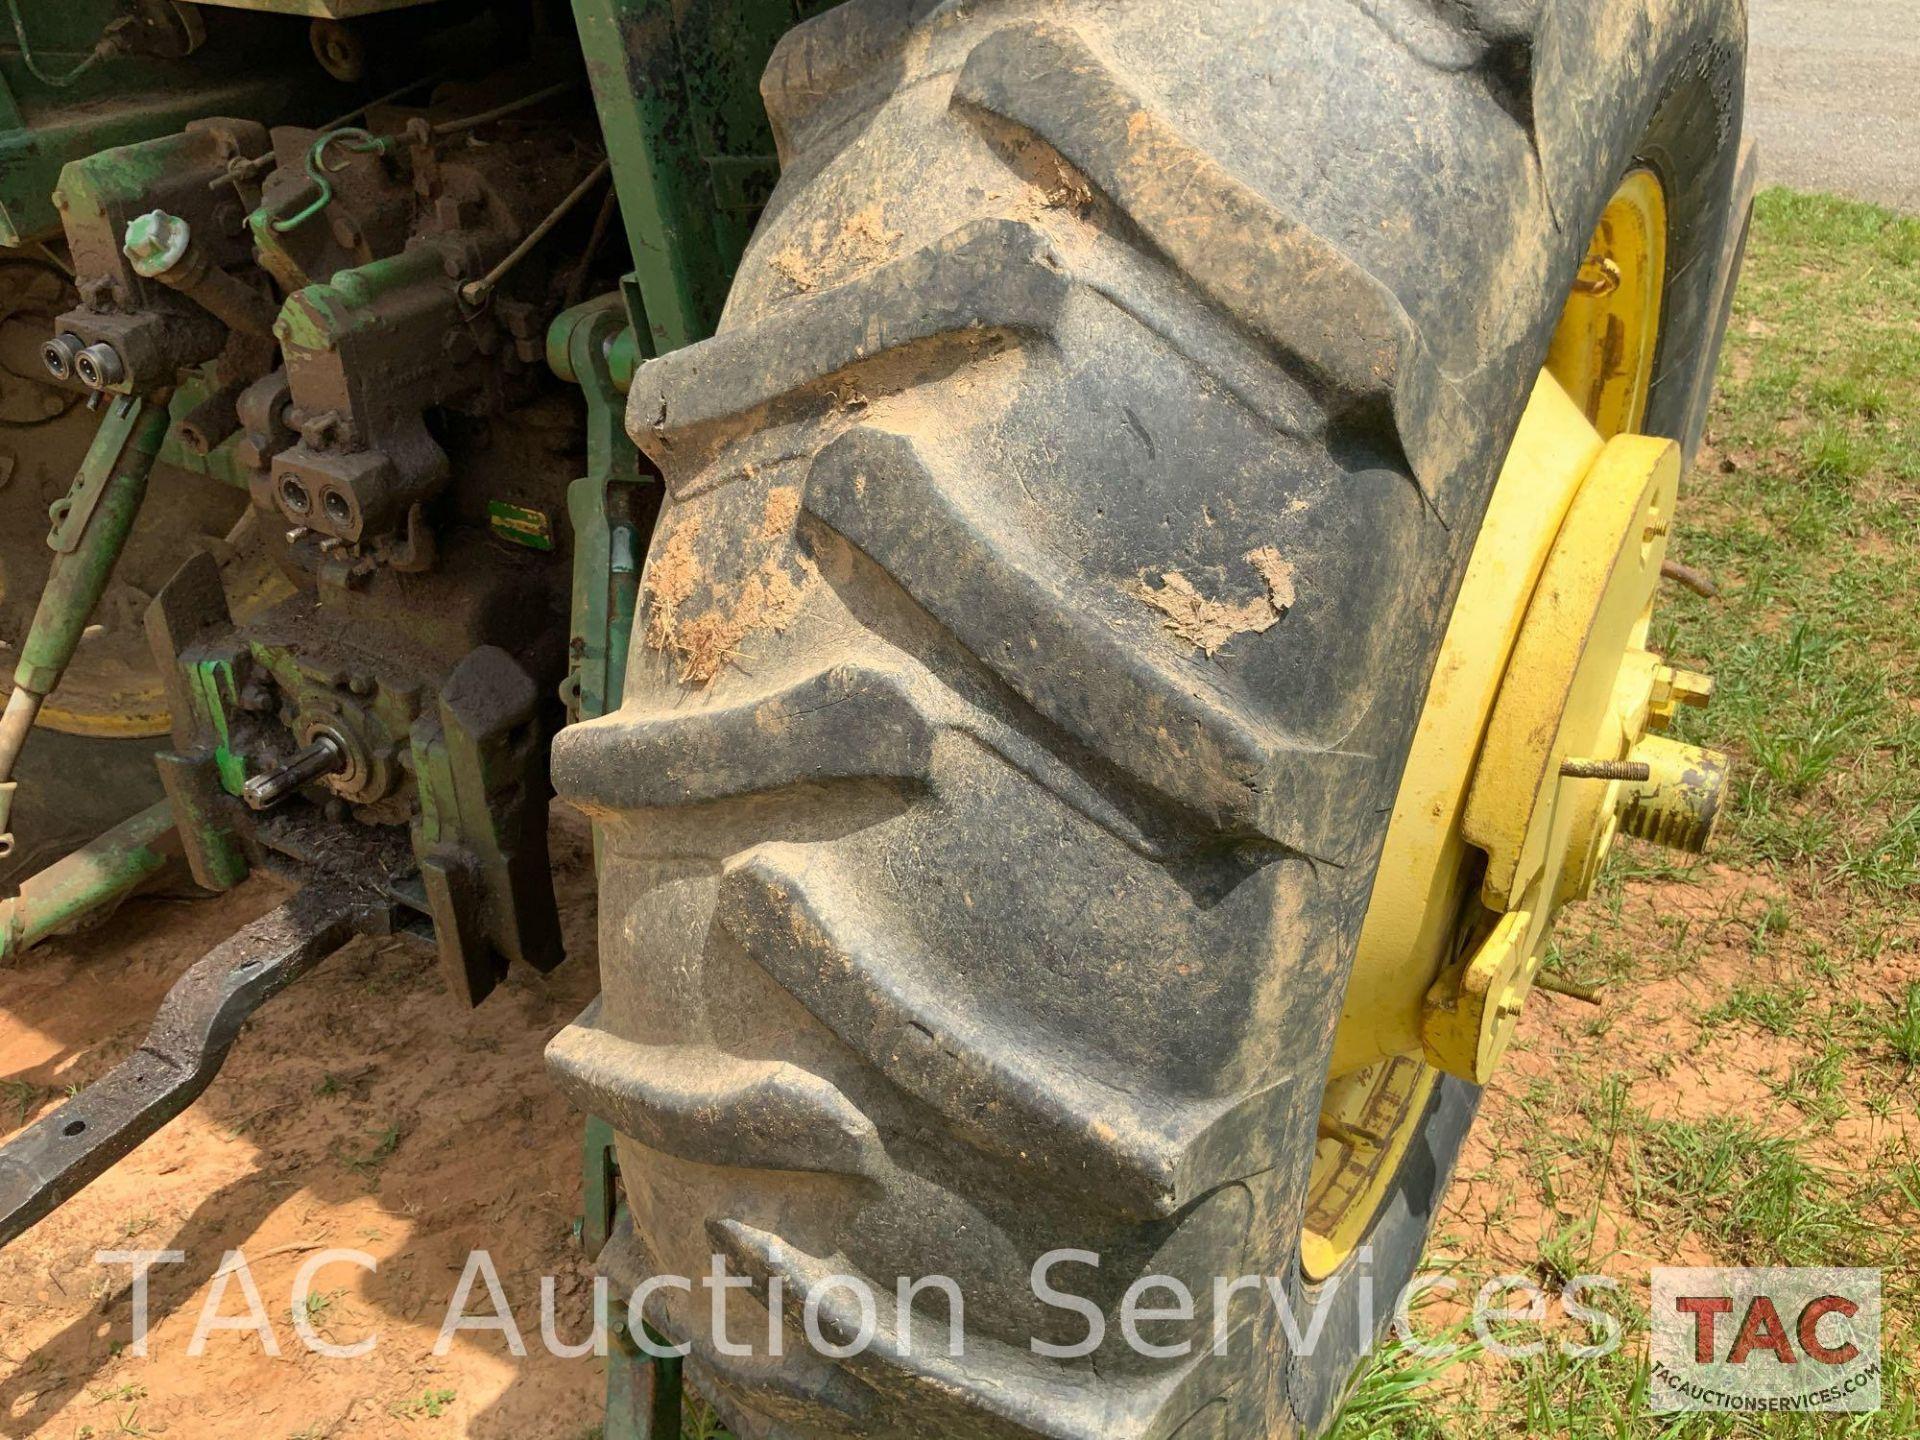 John Deere 4440 Tractor - Image 27 of 31